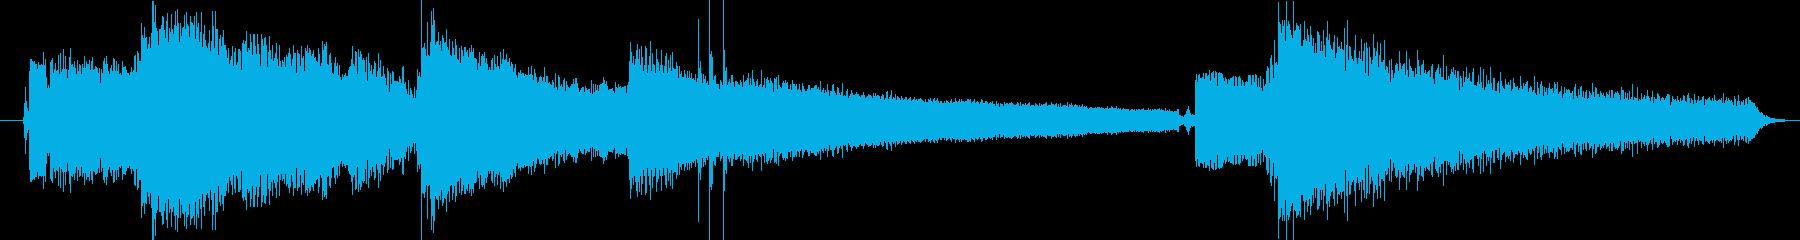 ギターフレーズ018の再生済みの波形